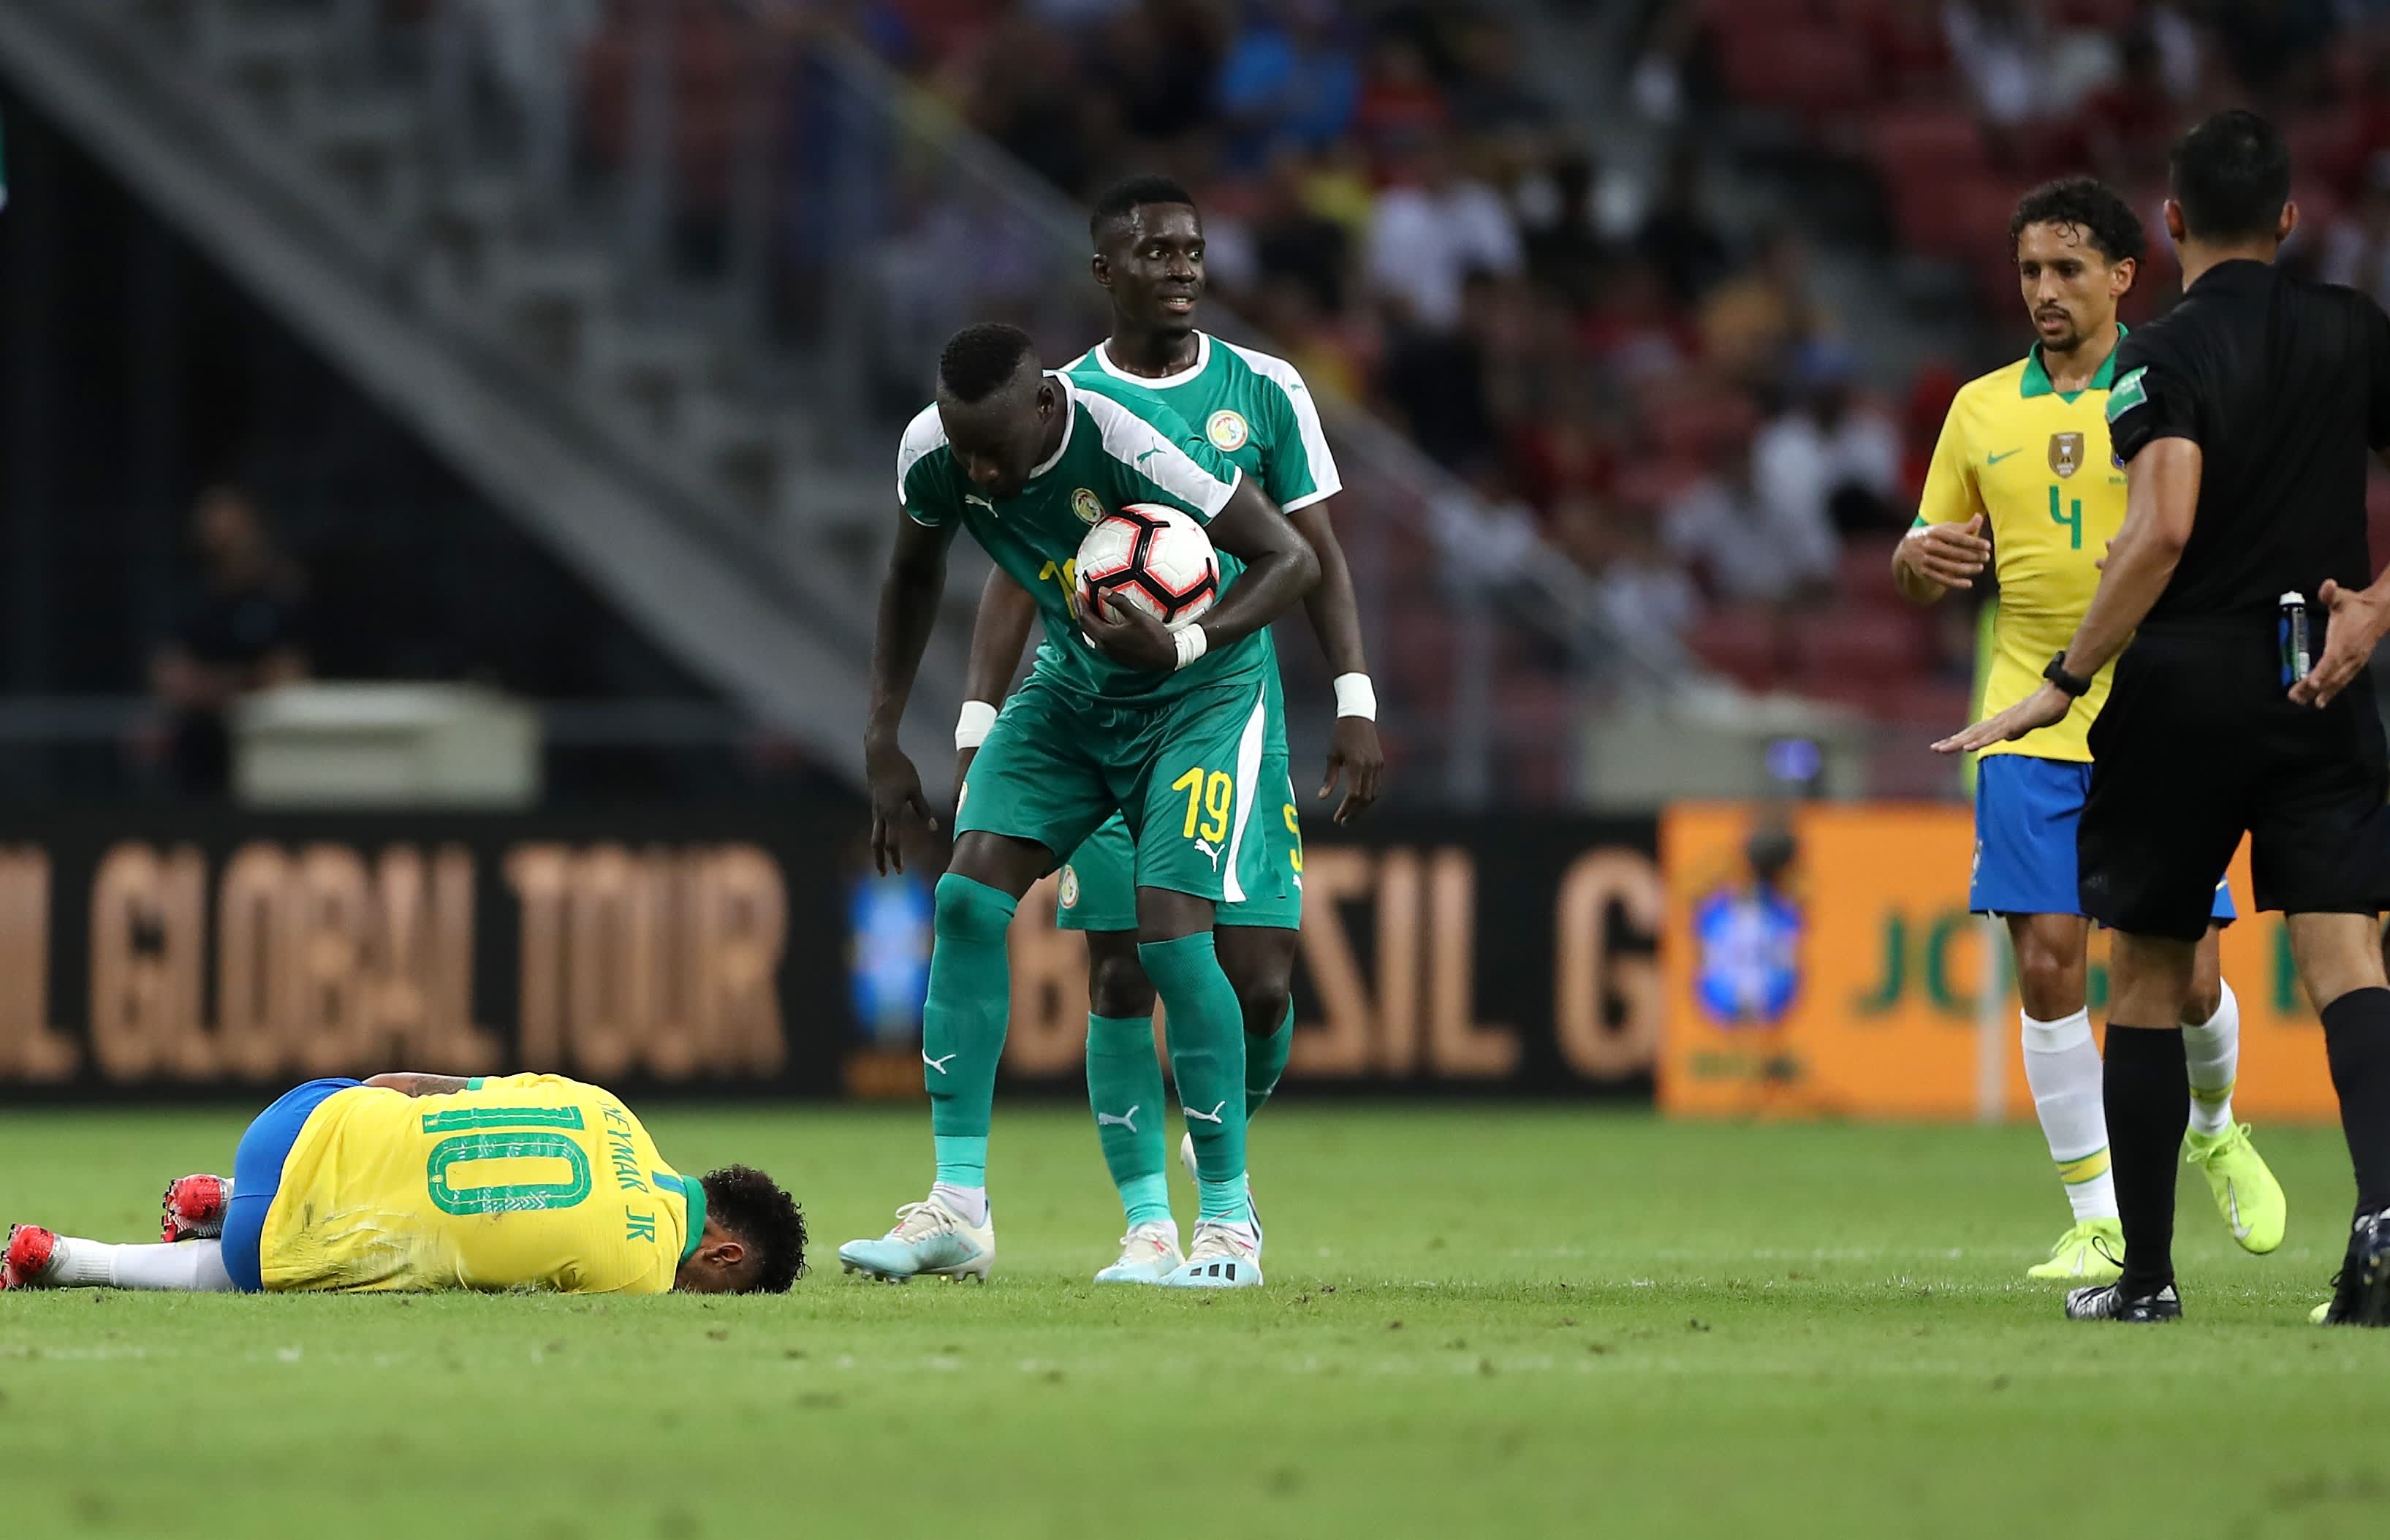 Brasilian Neymar kentän pinnassa